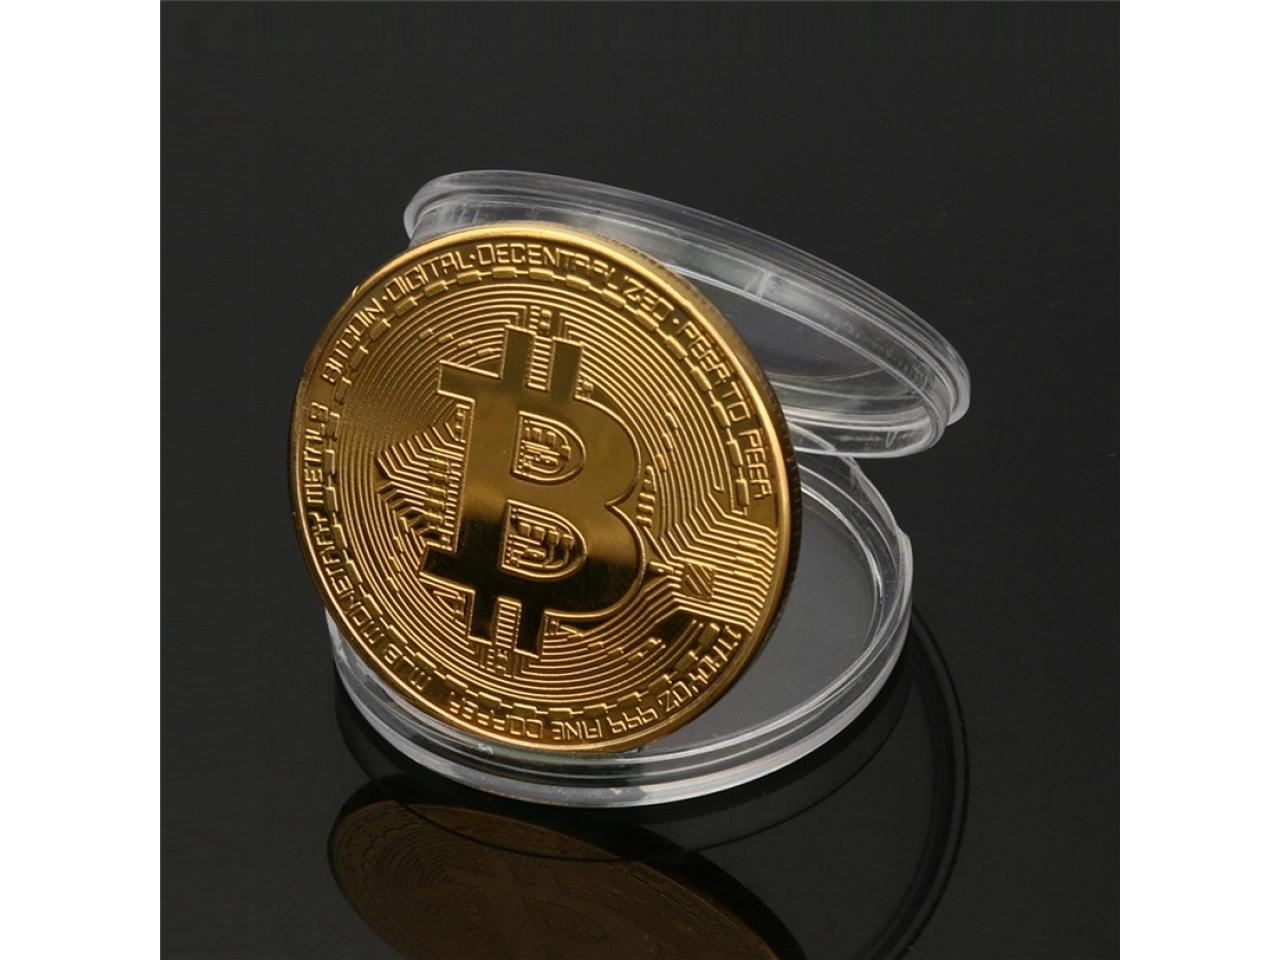 Pc Komponenten Zubehör Bitcoin Mining Zubehör Esons